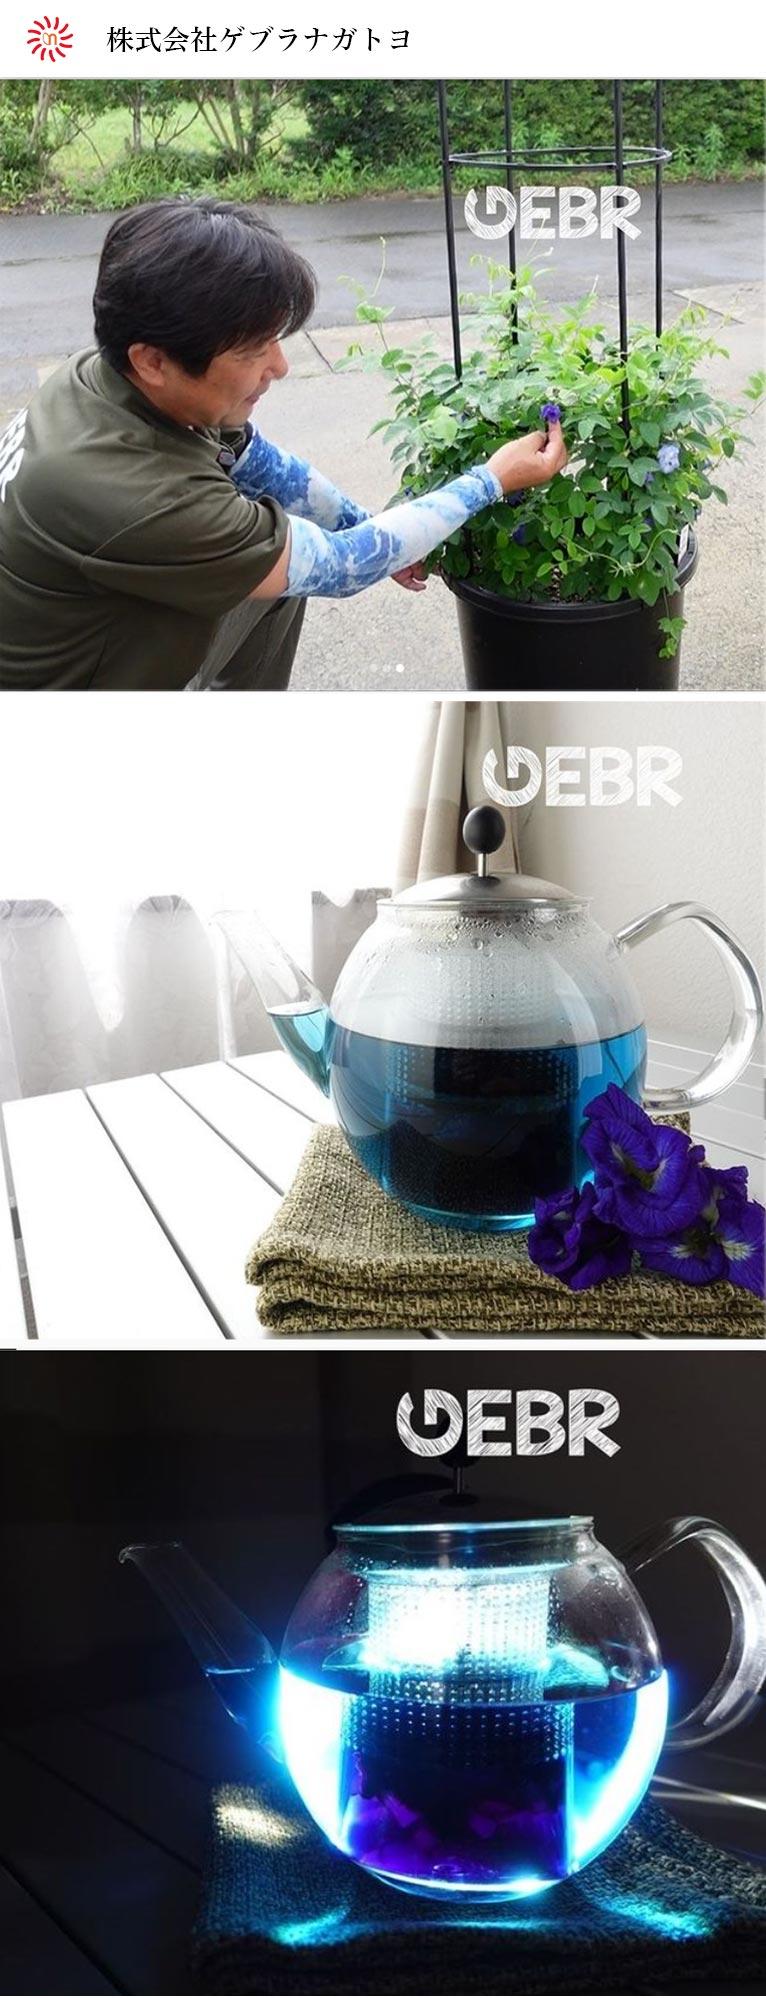 2020年発売、石垣島産のバタフライピーを収穫し、煮沸し青の色素を抽出しました。株式会社ゲブラナガトヨ